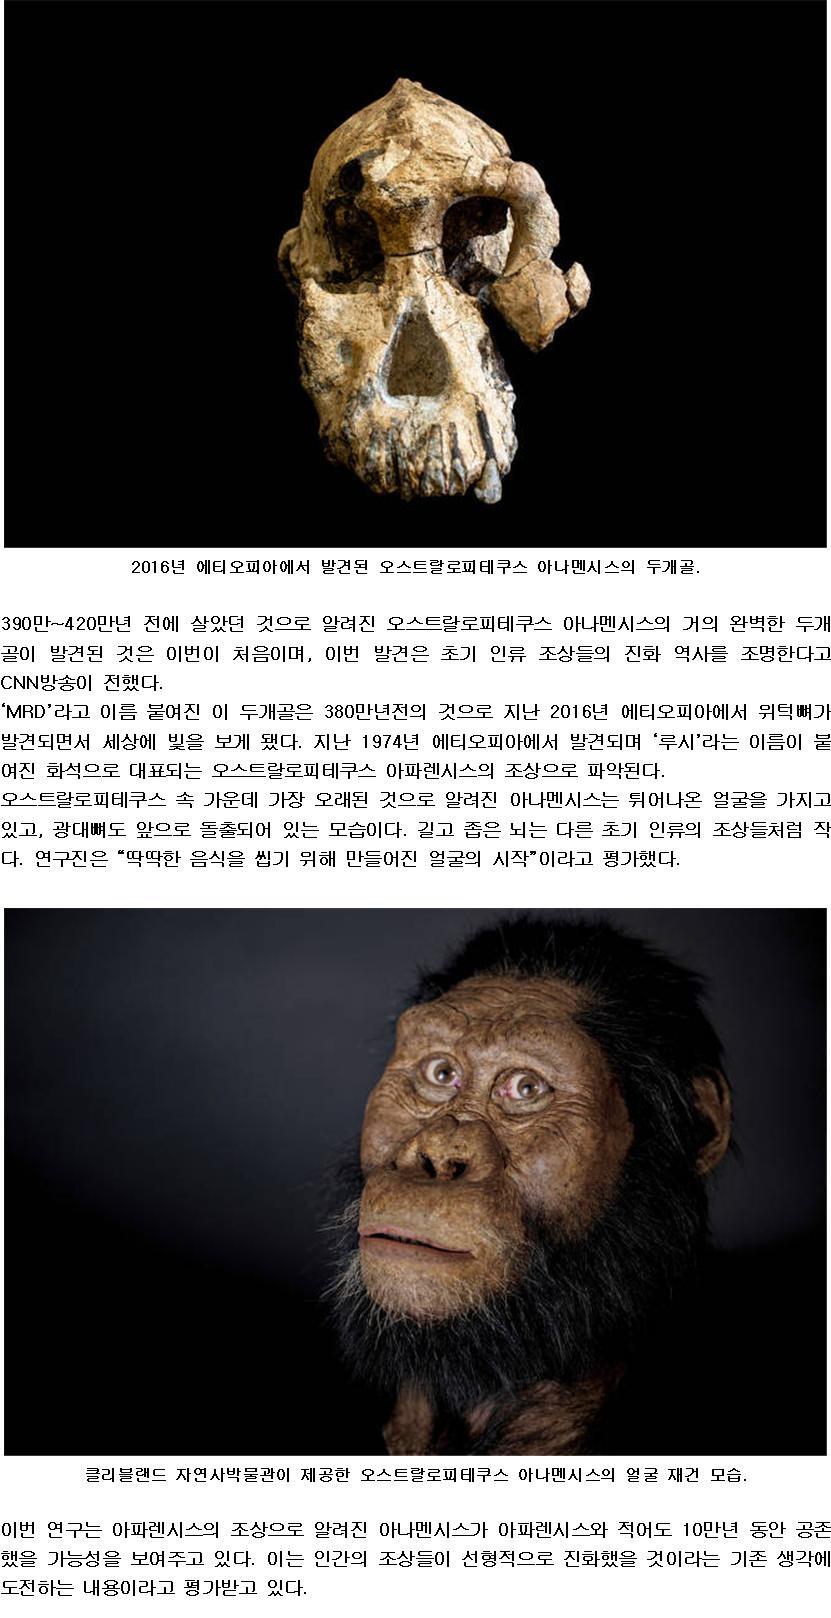 380만년전 인류 조상의 얼굴.jpg